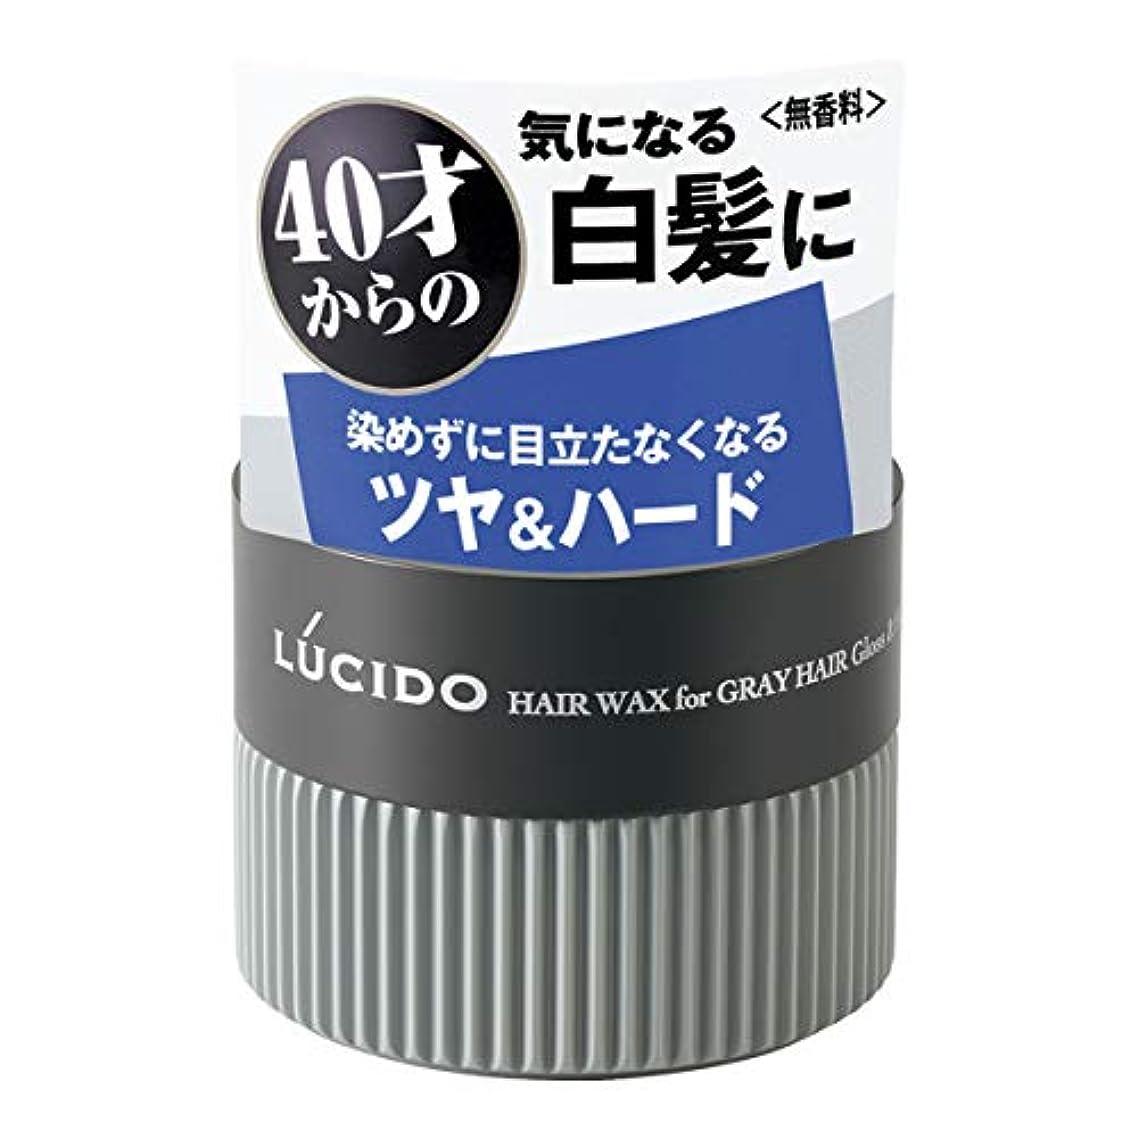 申込み一瞬操縦するLUCIDO(ルシード) ヘアワックス 白髪用ワックス グロス&ハード 80g